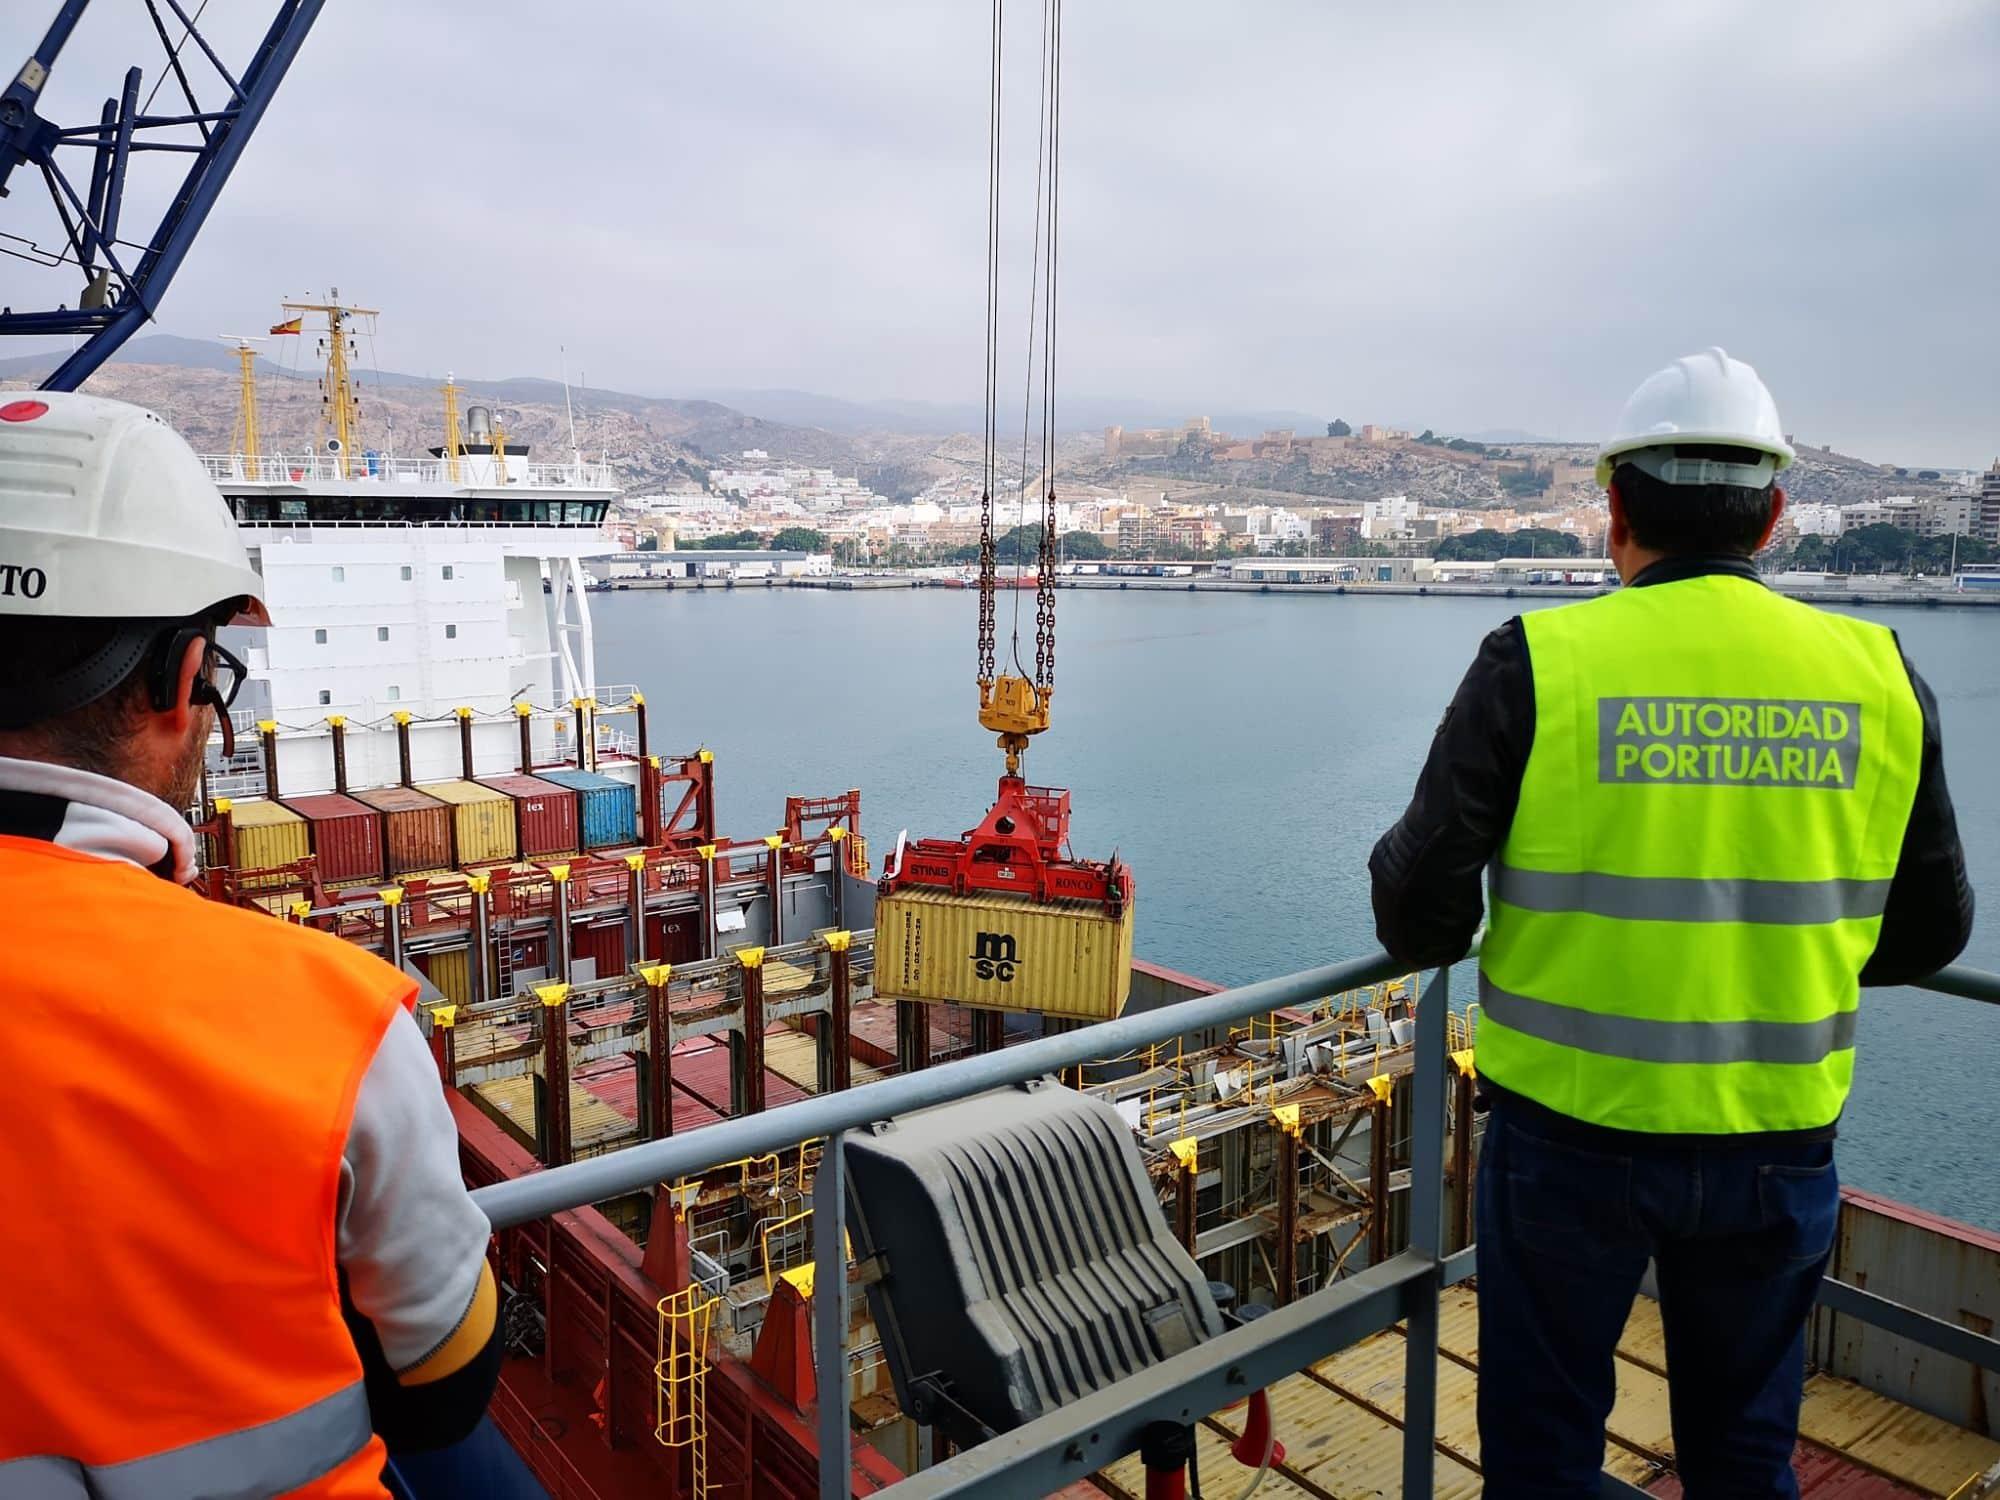 La exportación de mercancía general desde el Puerto de Almería crece un 131% hasta mayo